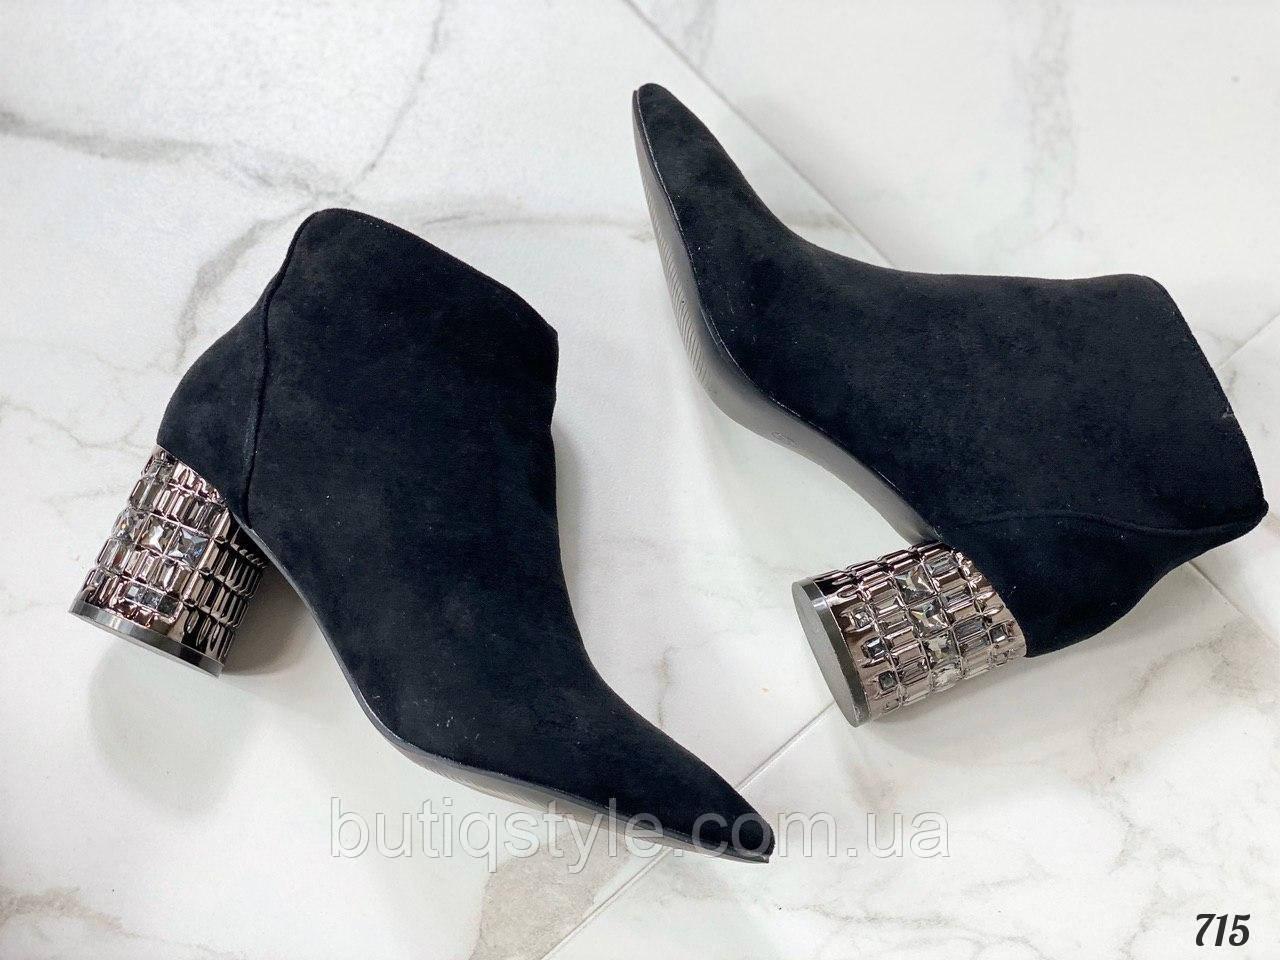 Женские черные ботильоны эко-замша на среднем каблуке Деми